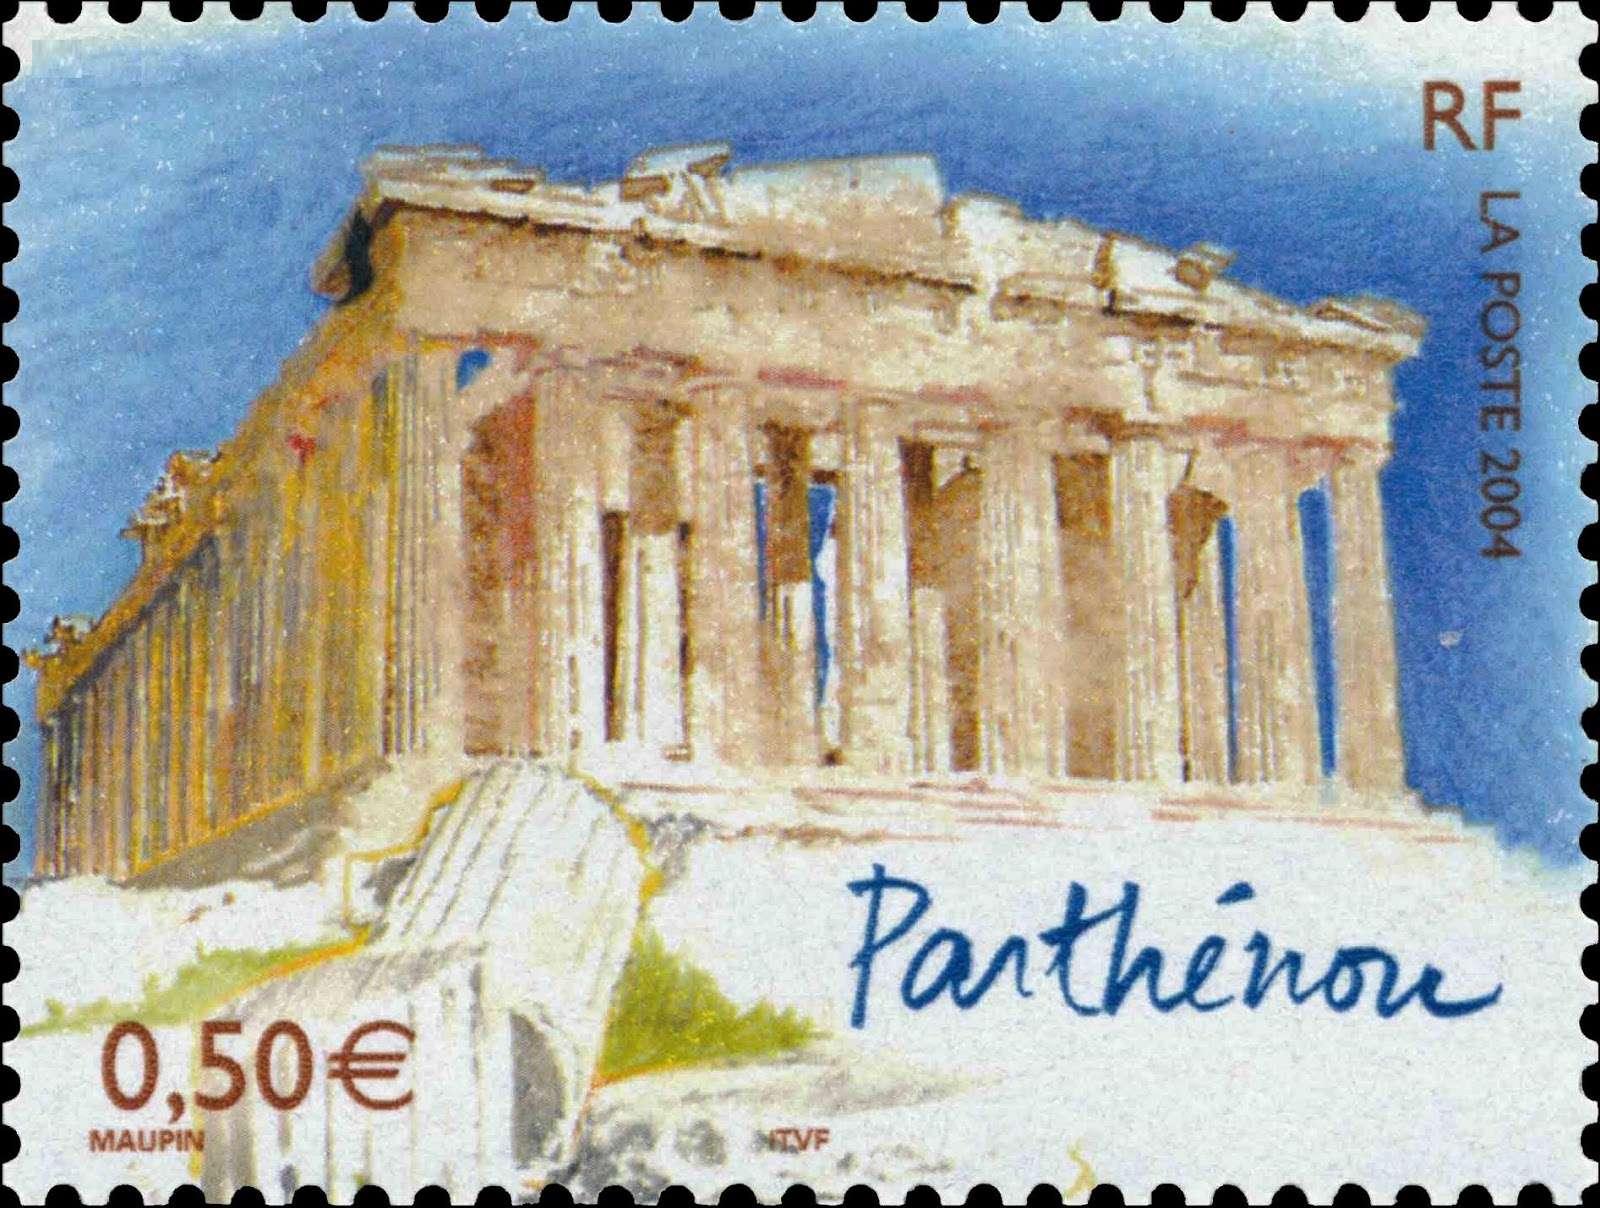 Ο Παρθενώνας, γαλλικό γραμματόσημο. 2004 Parthenon FRANCE